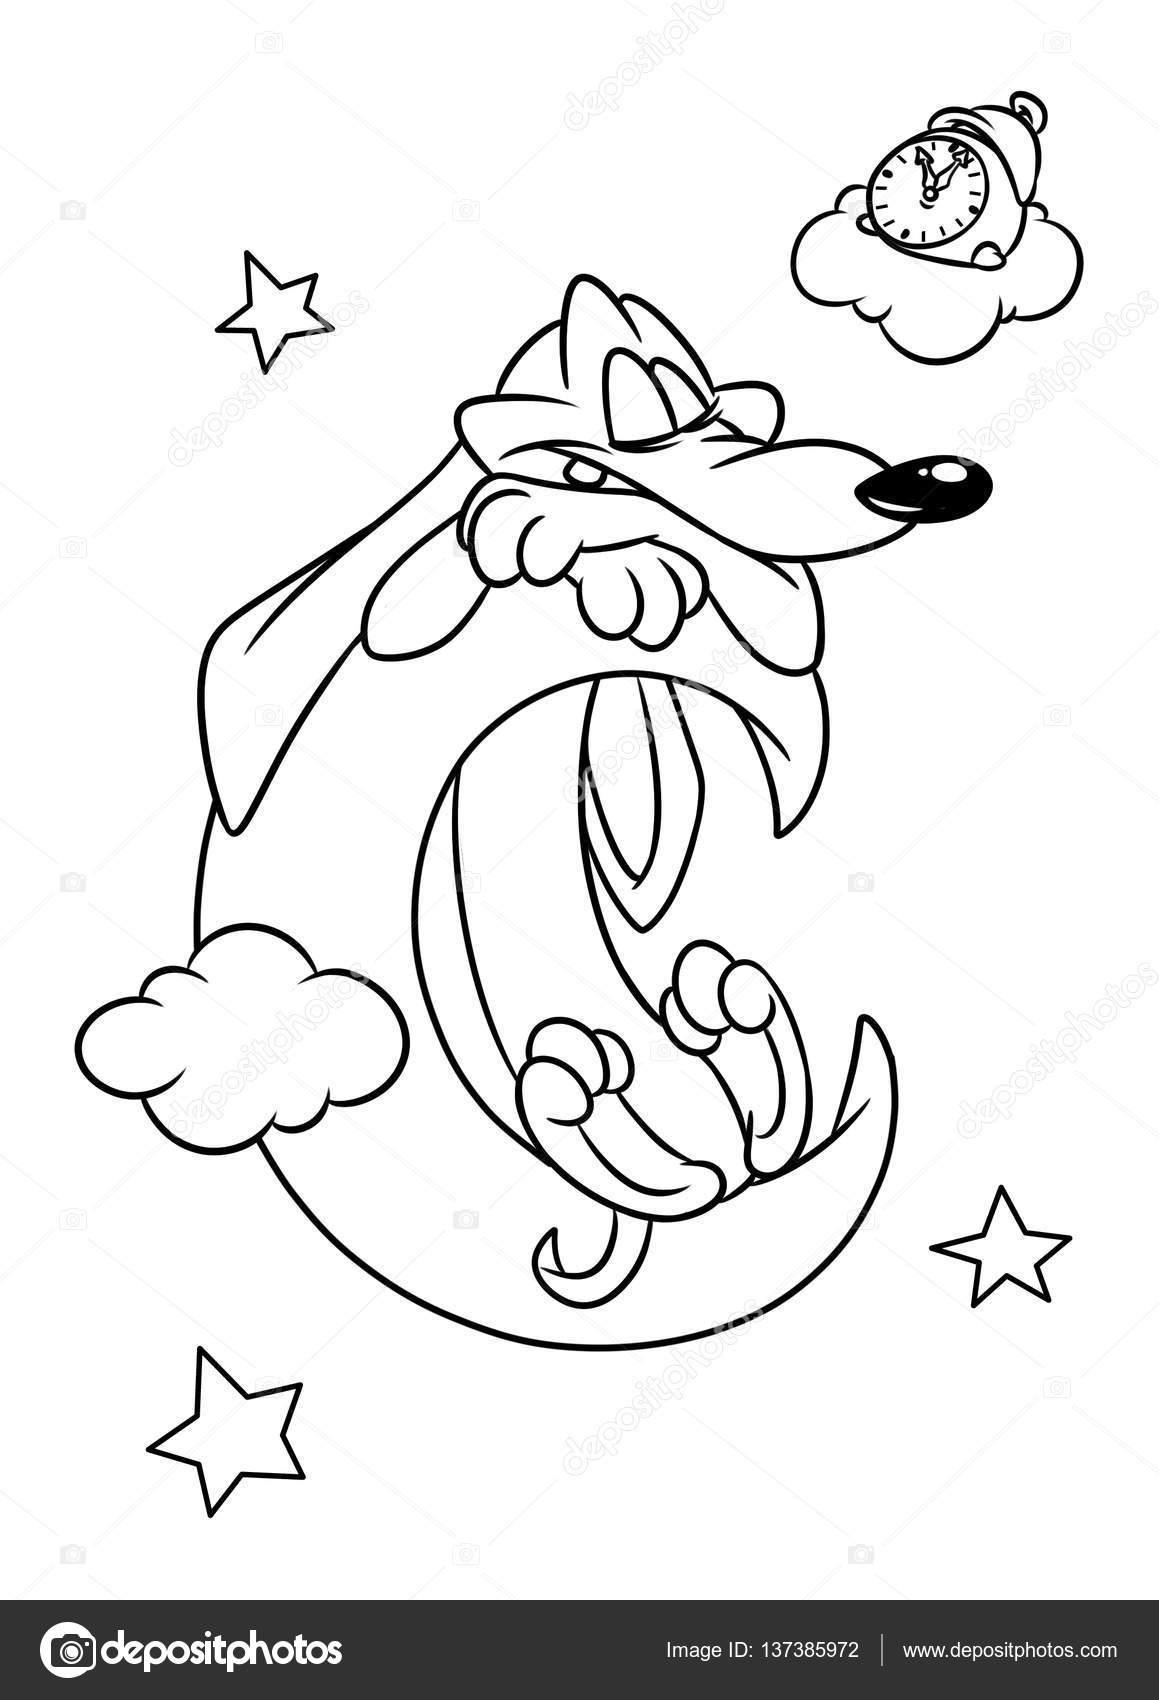 Moon Cartoon Drawing At Getdrawings